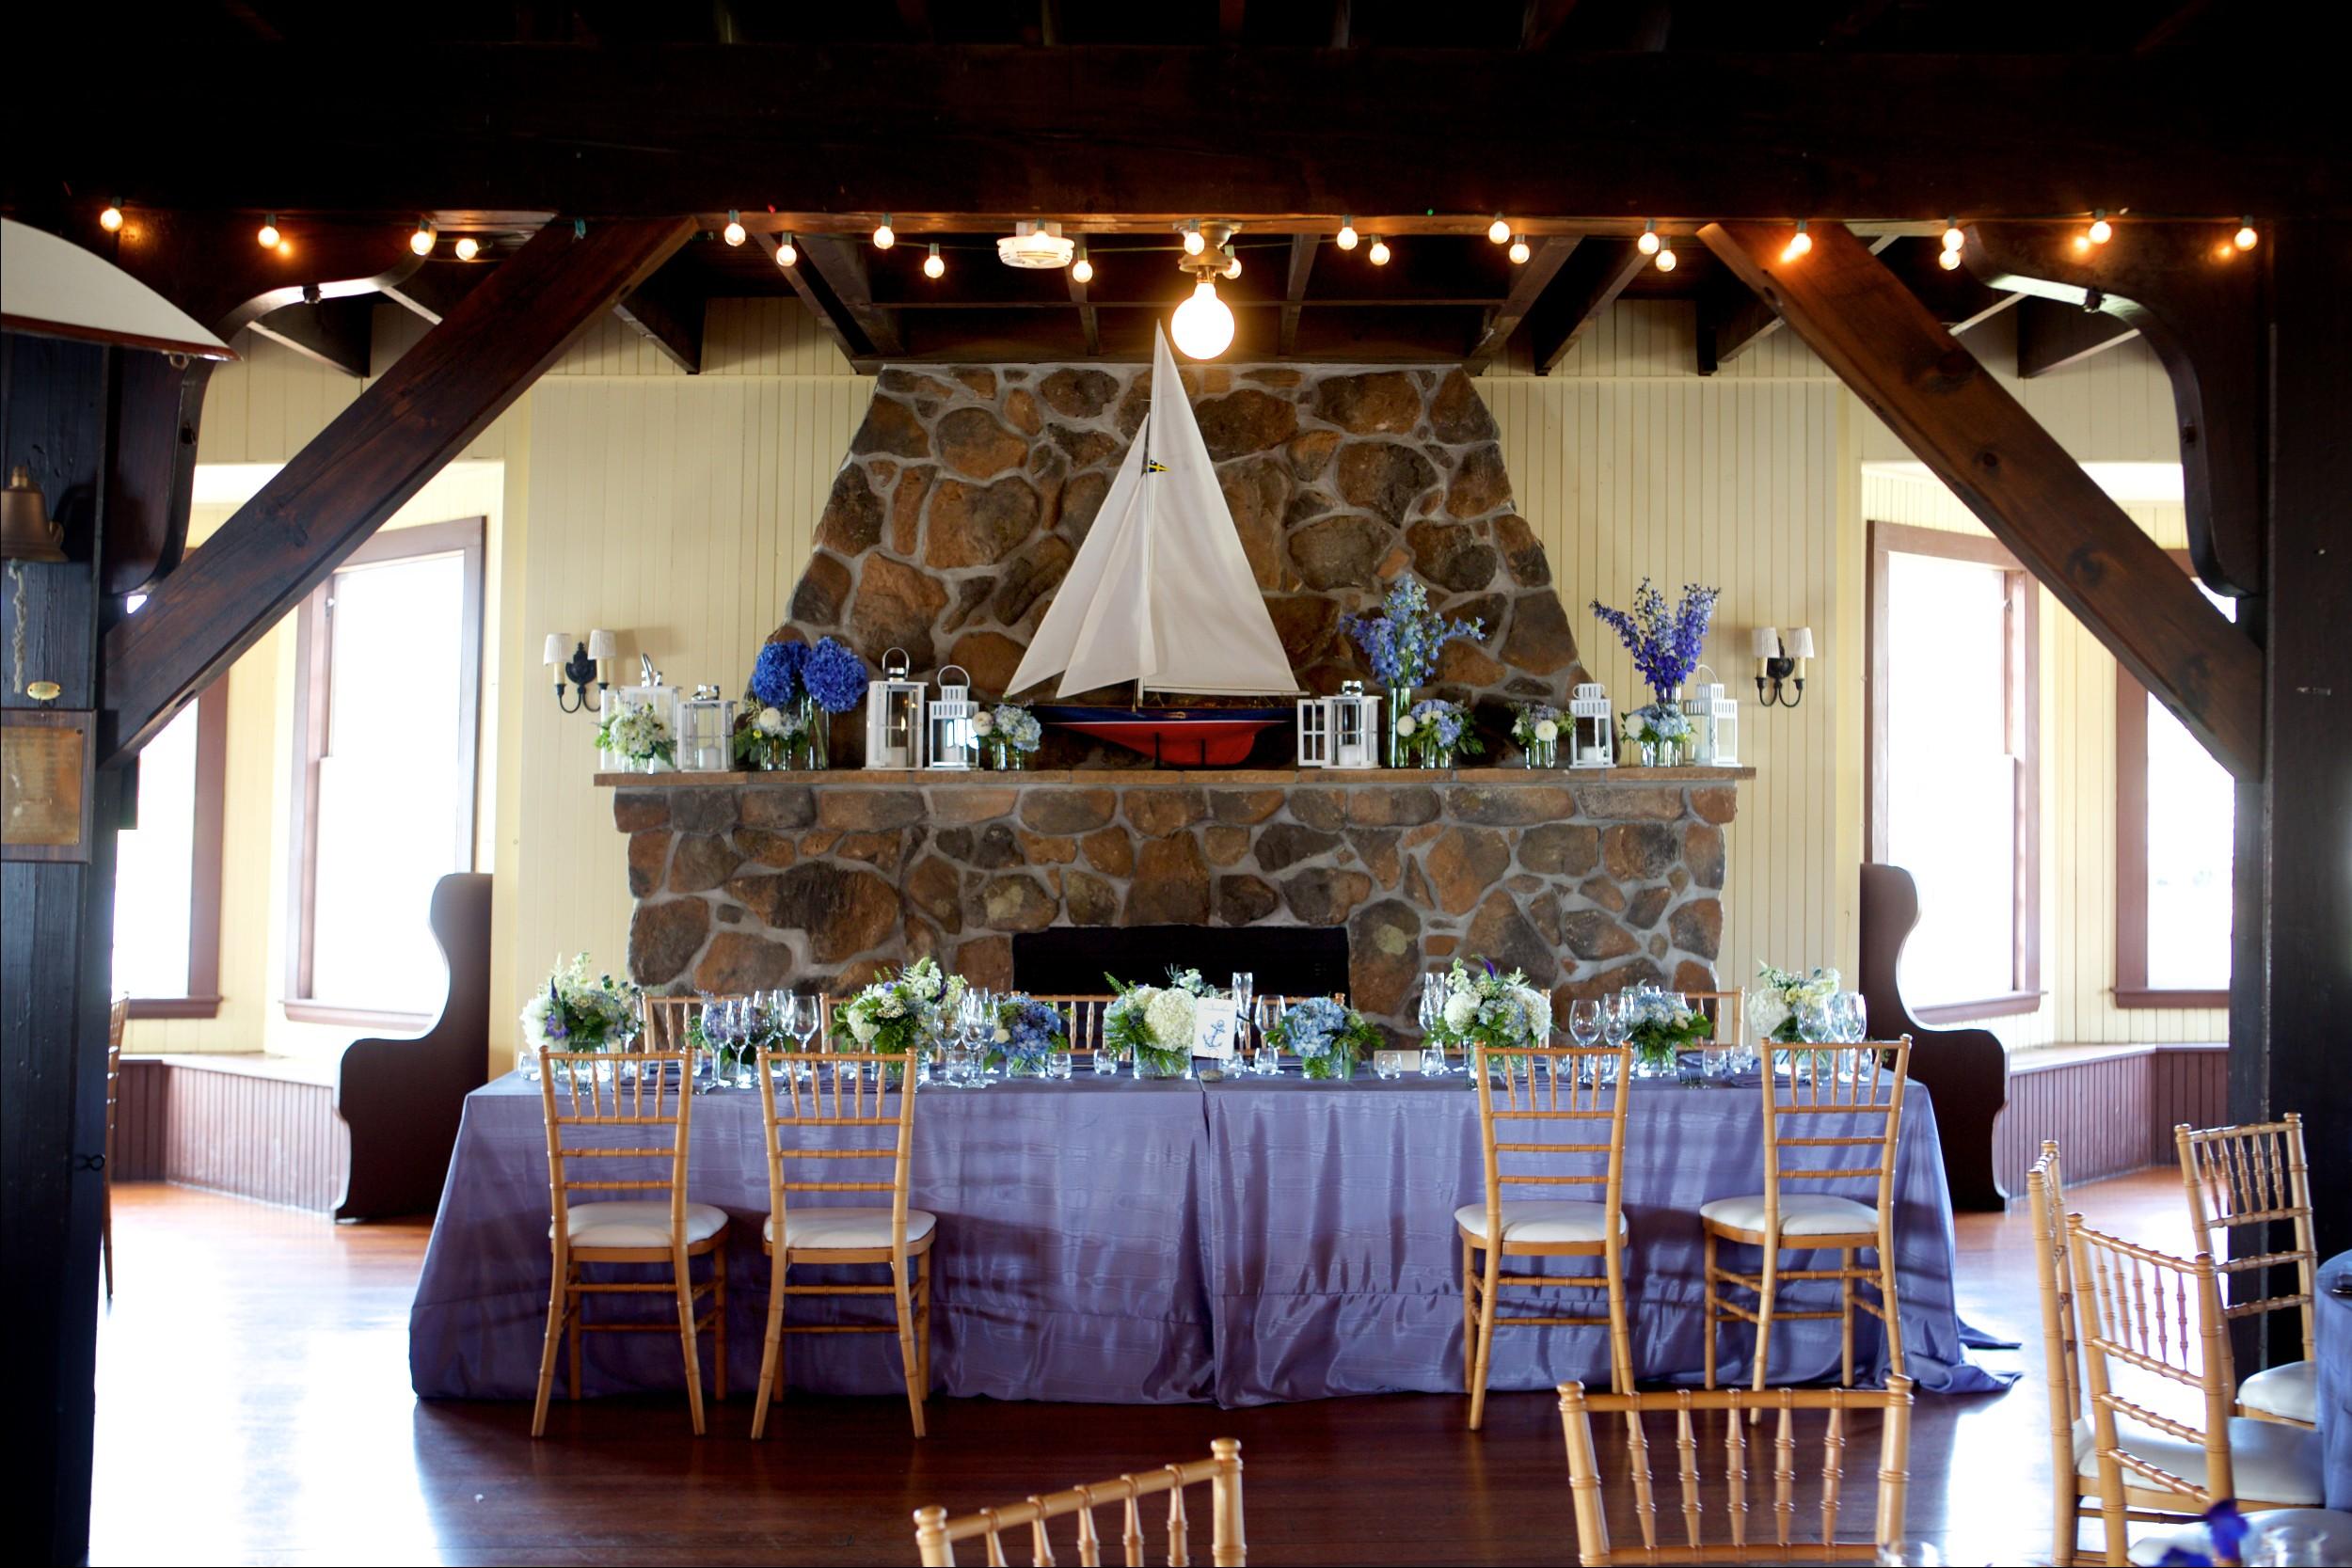 aphroditeweddingphotos.com119.jpg